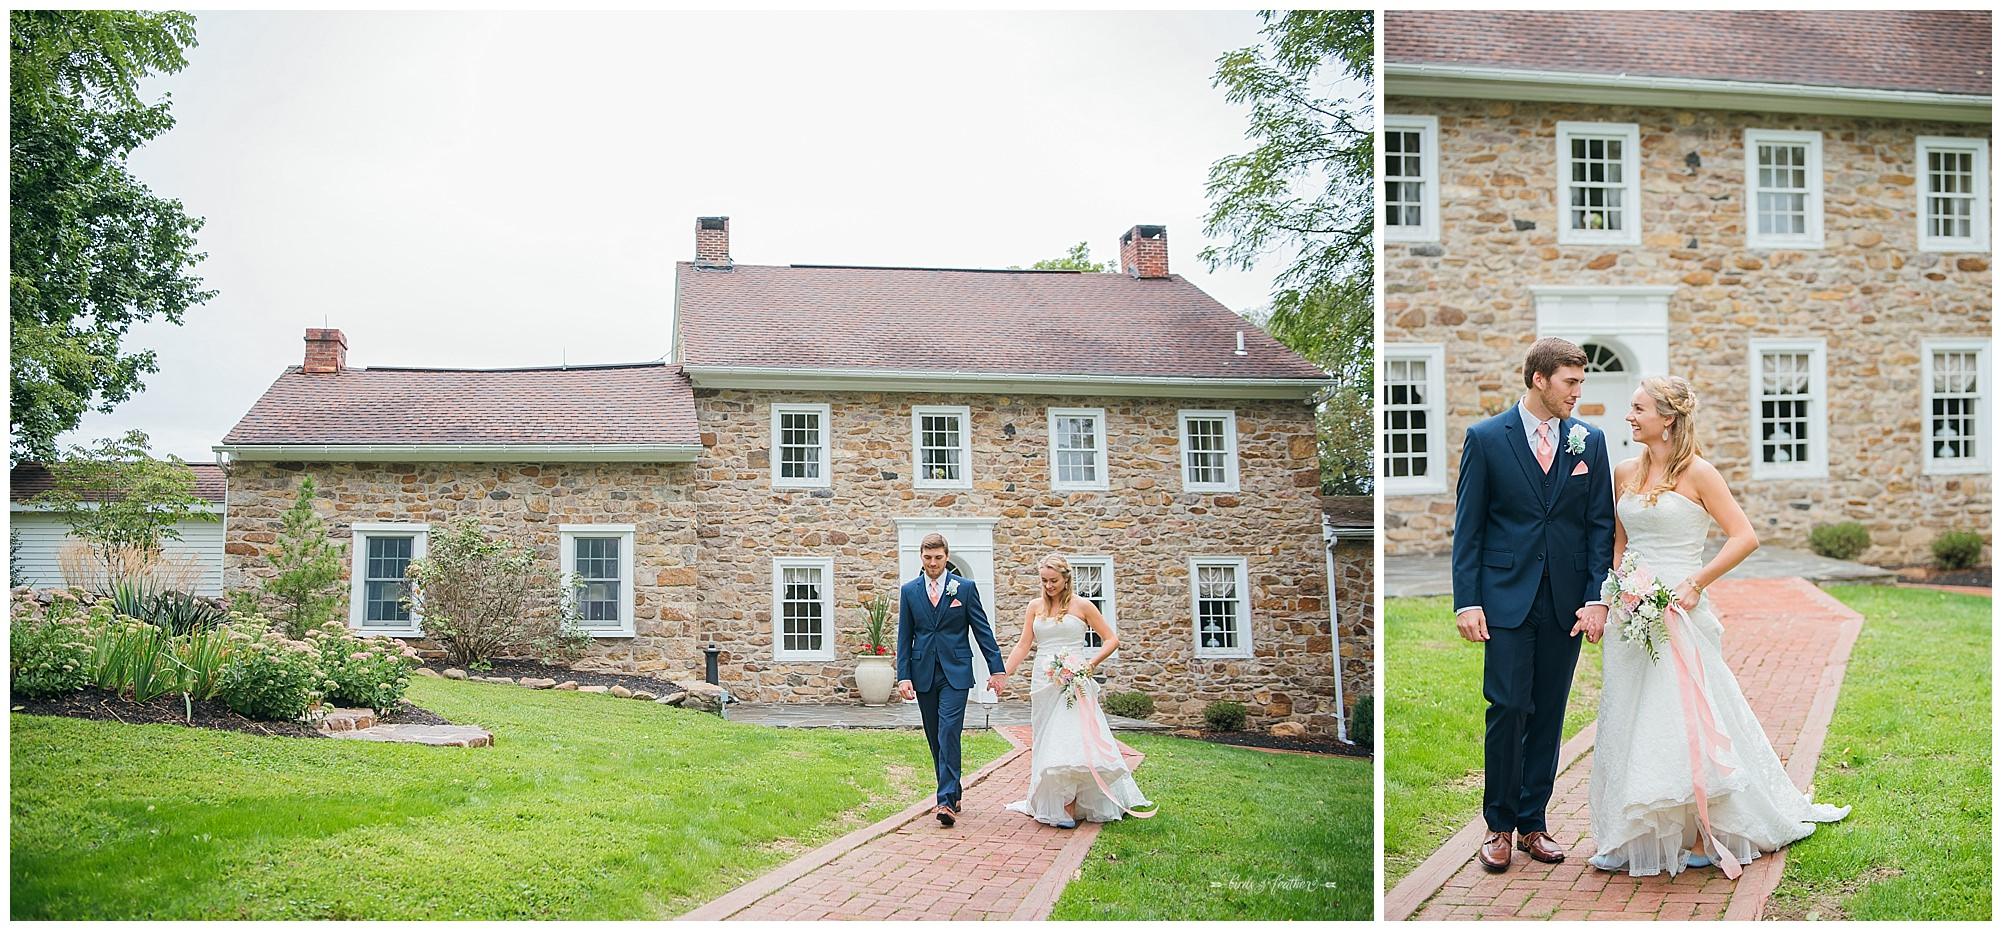 Birds of a Feather Photography Bally Spring Inn Wedding Photographer 08